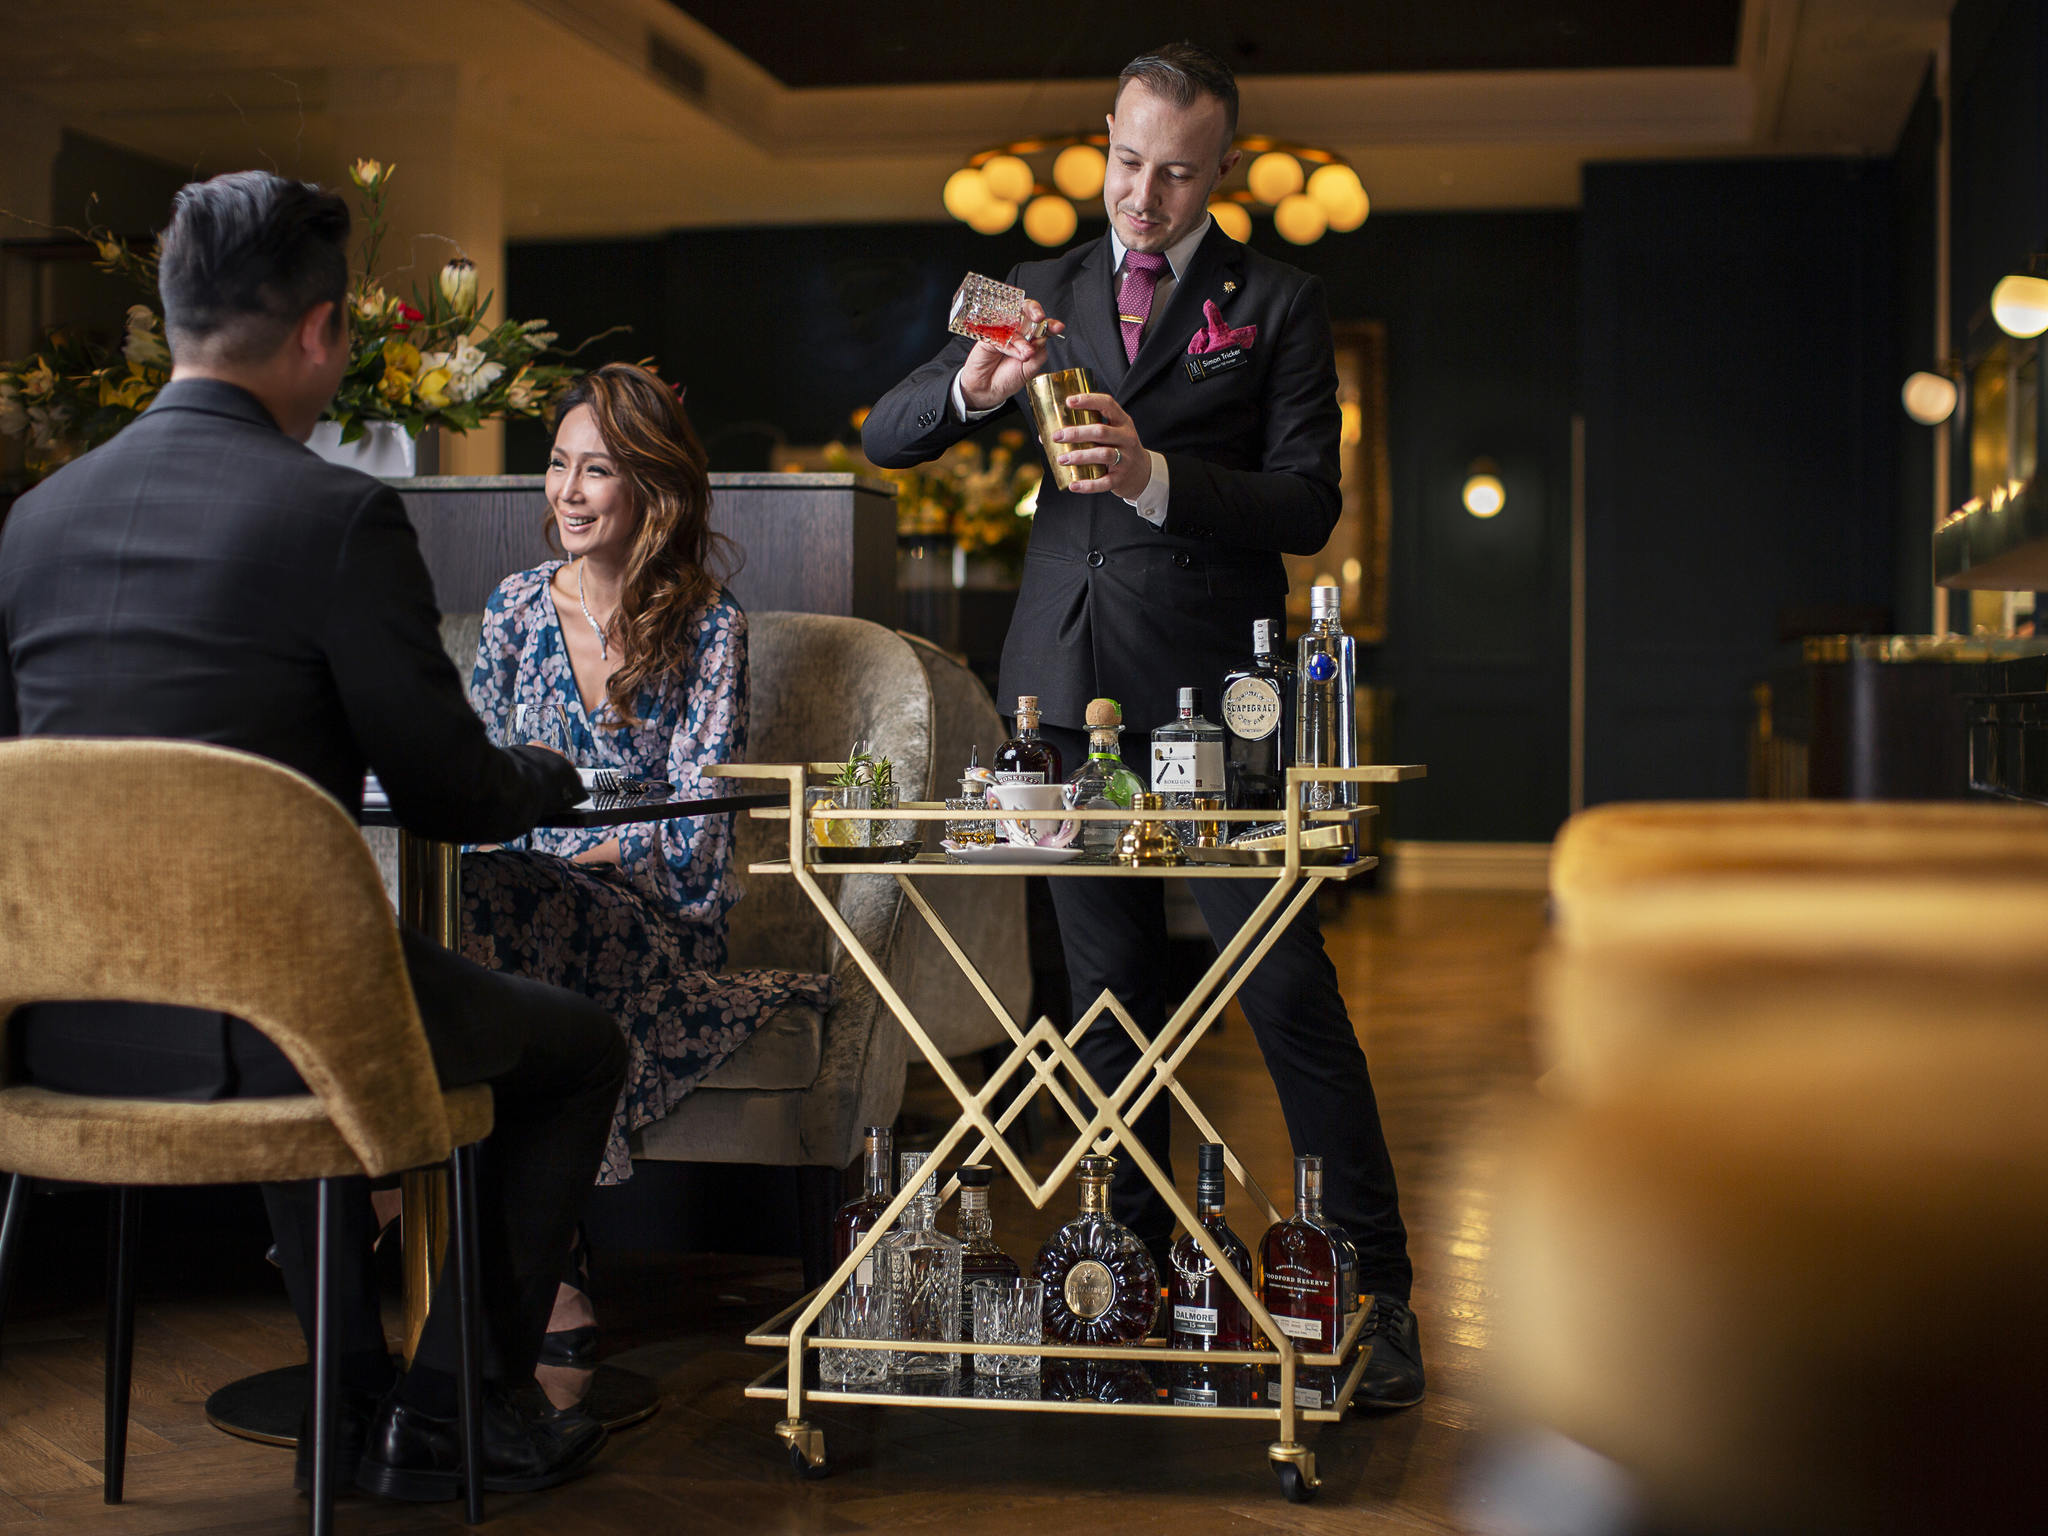 ホテル – ホテル グランド ウィンザー オークランド、Mギャラリー by ソフィテル